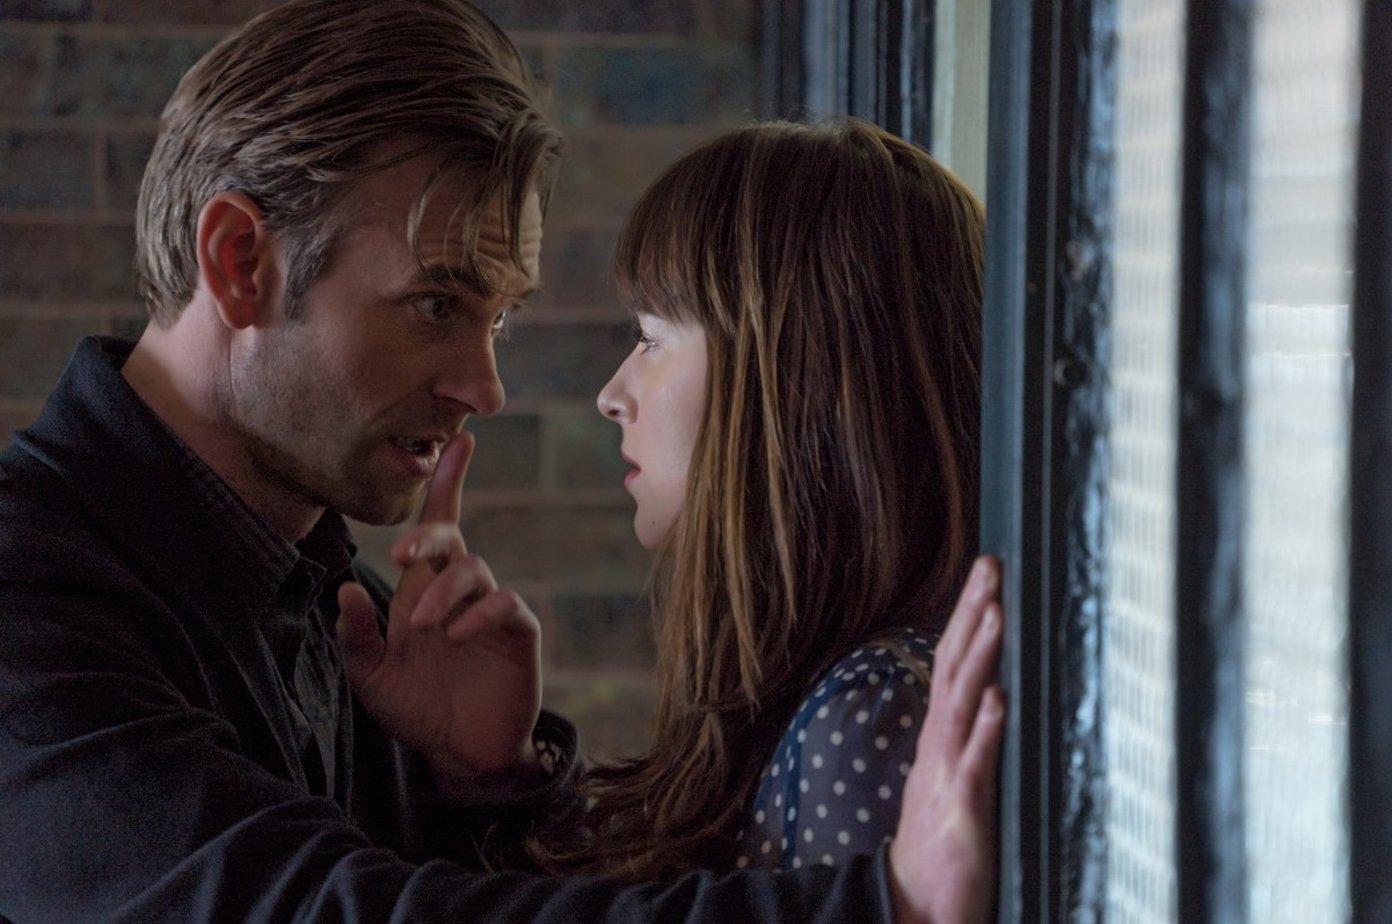 На пятьдесят оттенков темнее 2017 фильм в hd 720